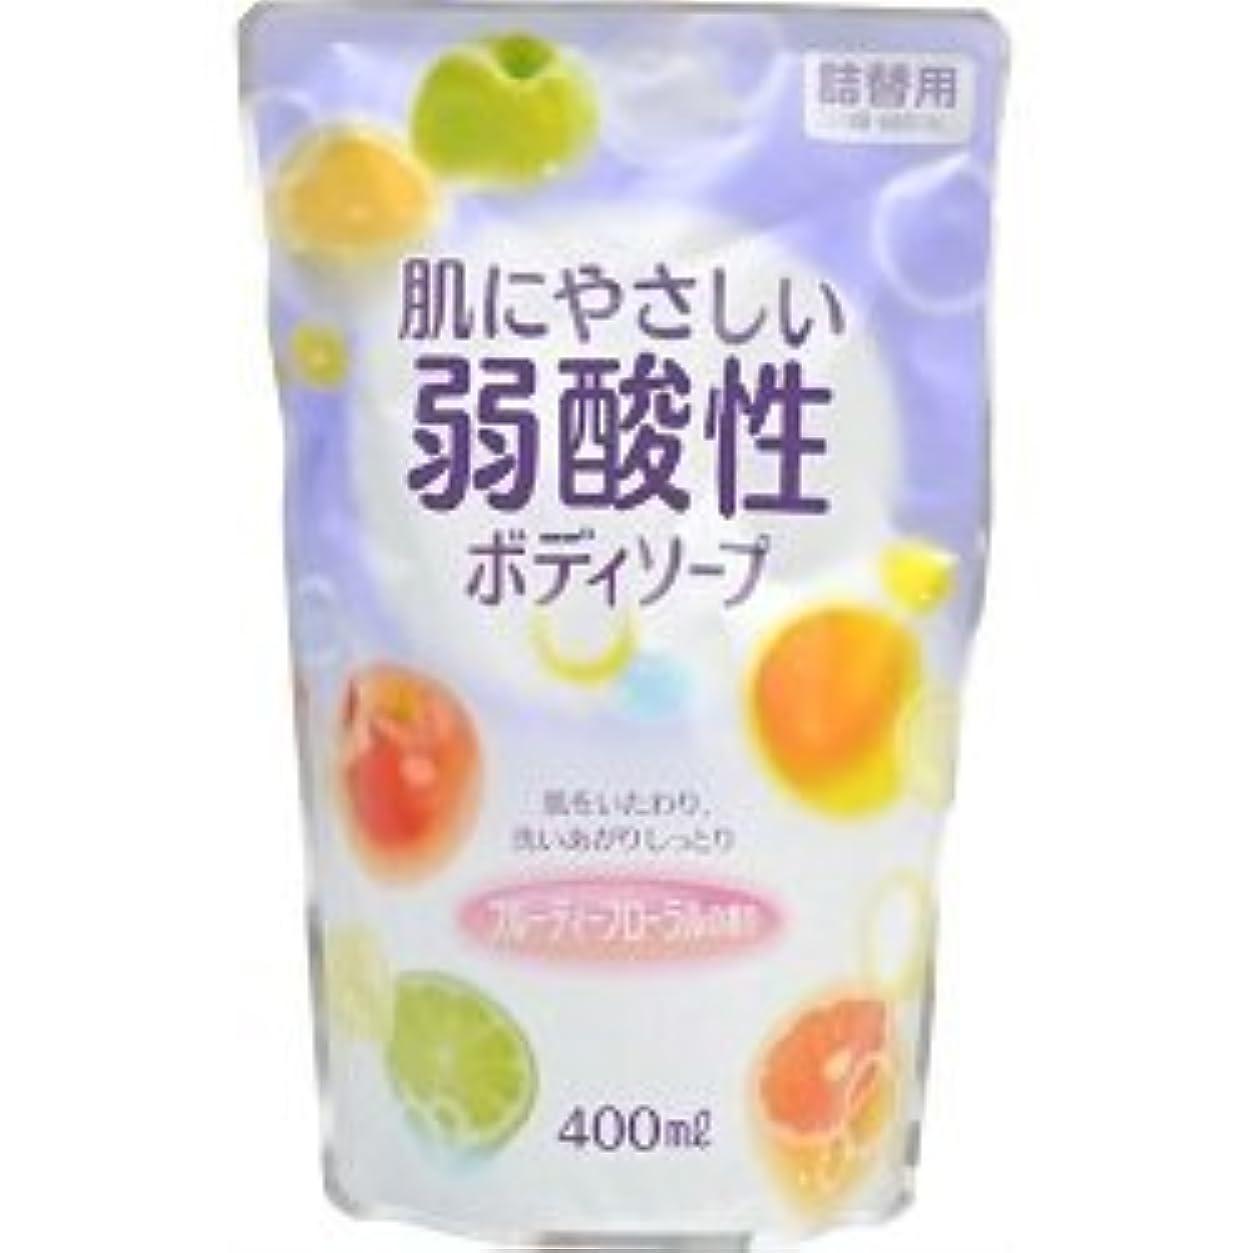 特にアイドル明らかにする【エオリア】弱酸性ボディソープ フルーティフローラルの香り 詰替用 400ml ×3個セット